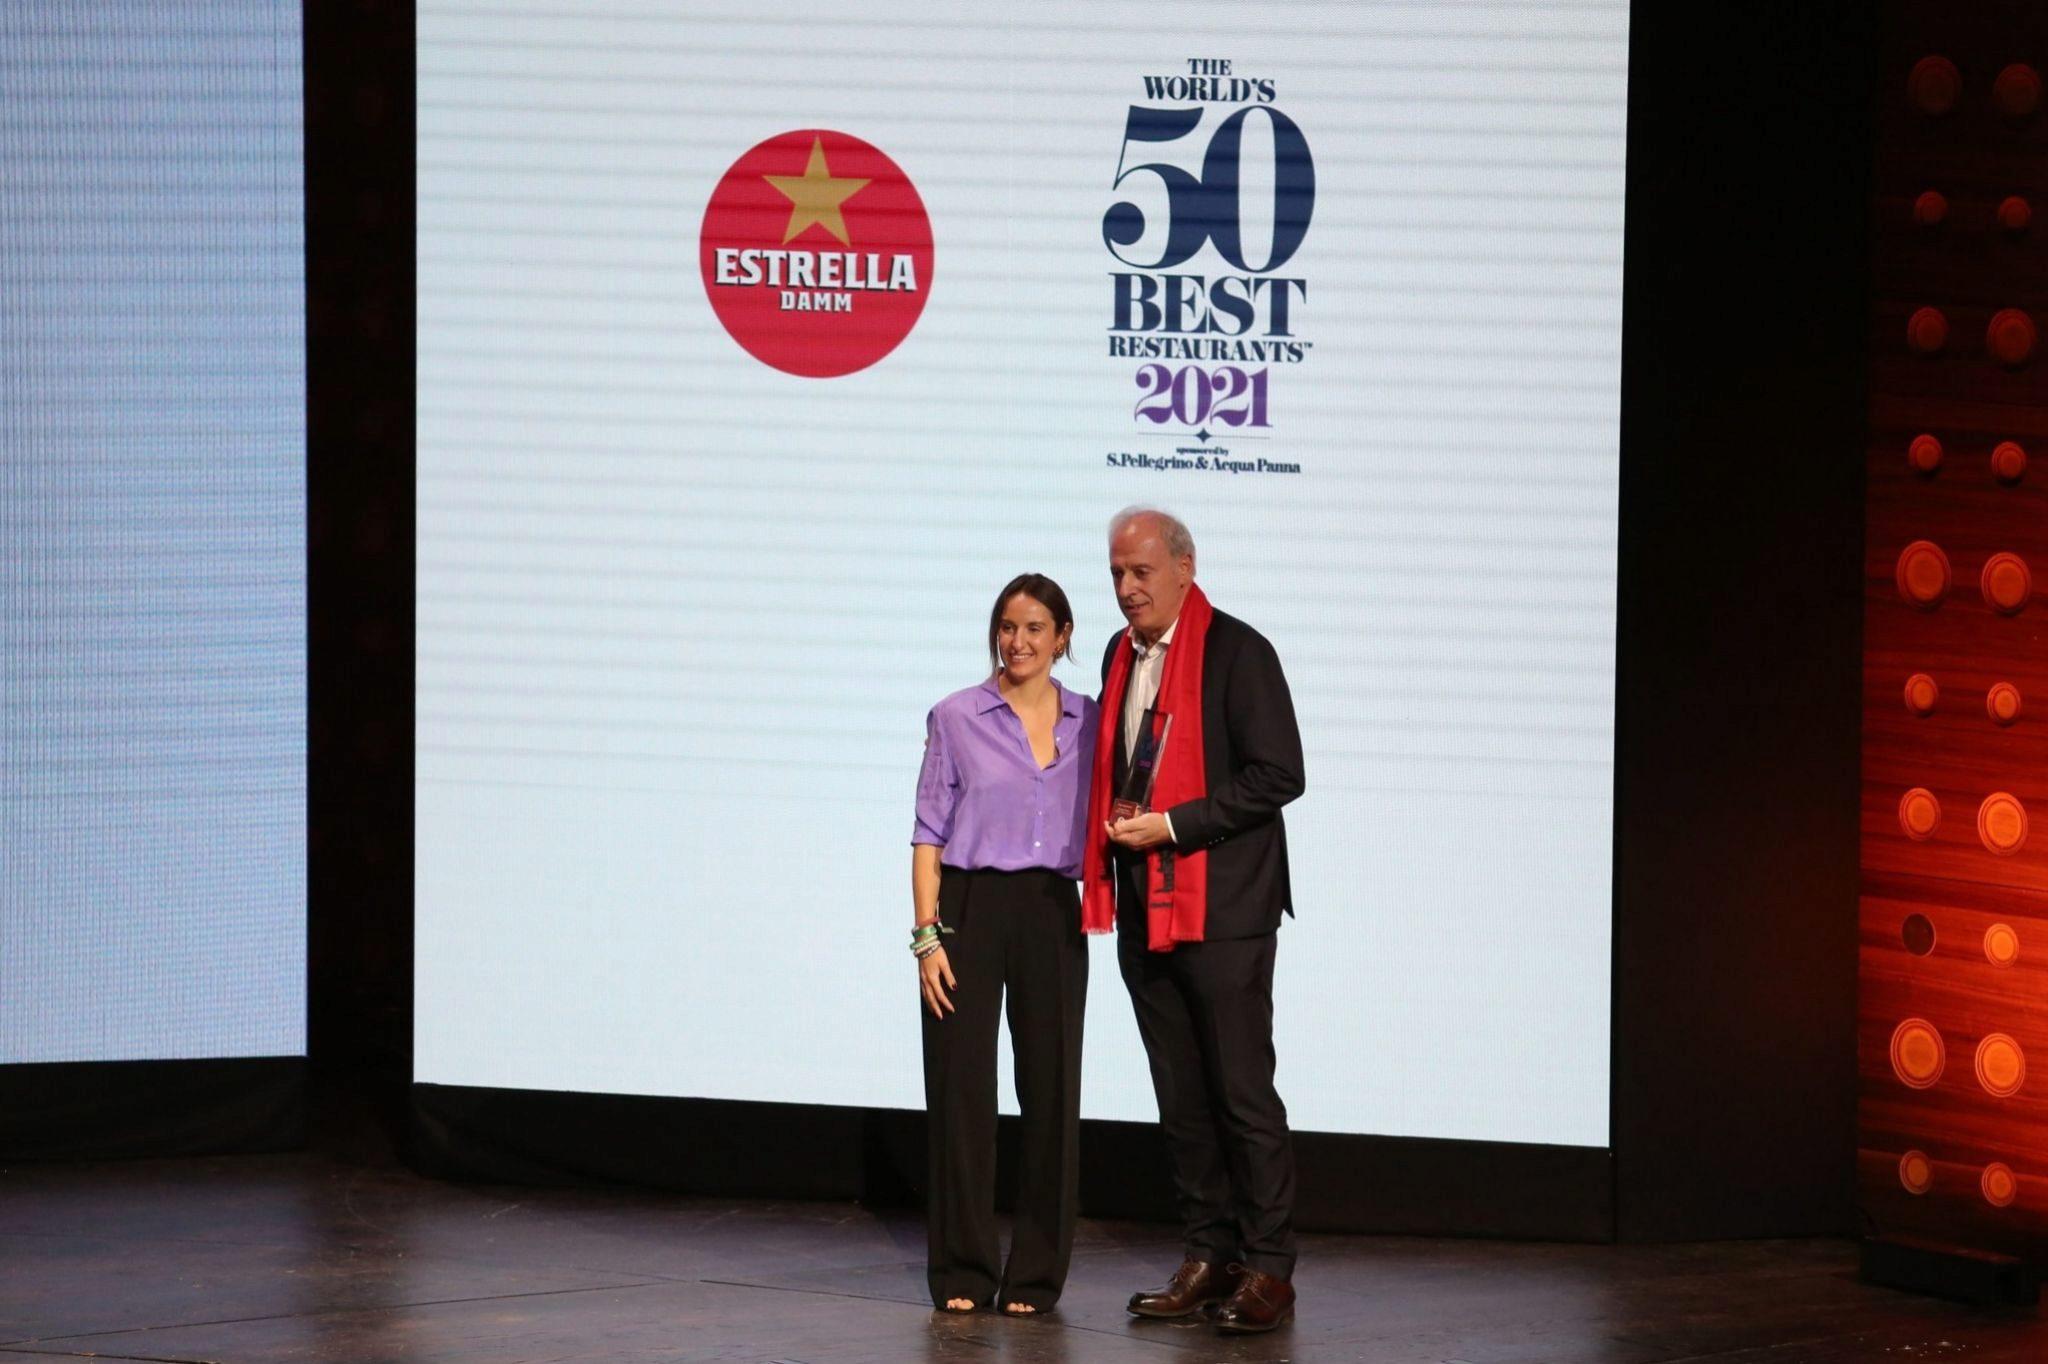 Arginzoniz recoge el Estrella Damm Chefs Choice Award 2021, de la mano de Maria Faus, responsable de Exportación de Estrella Damm.